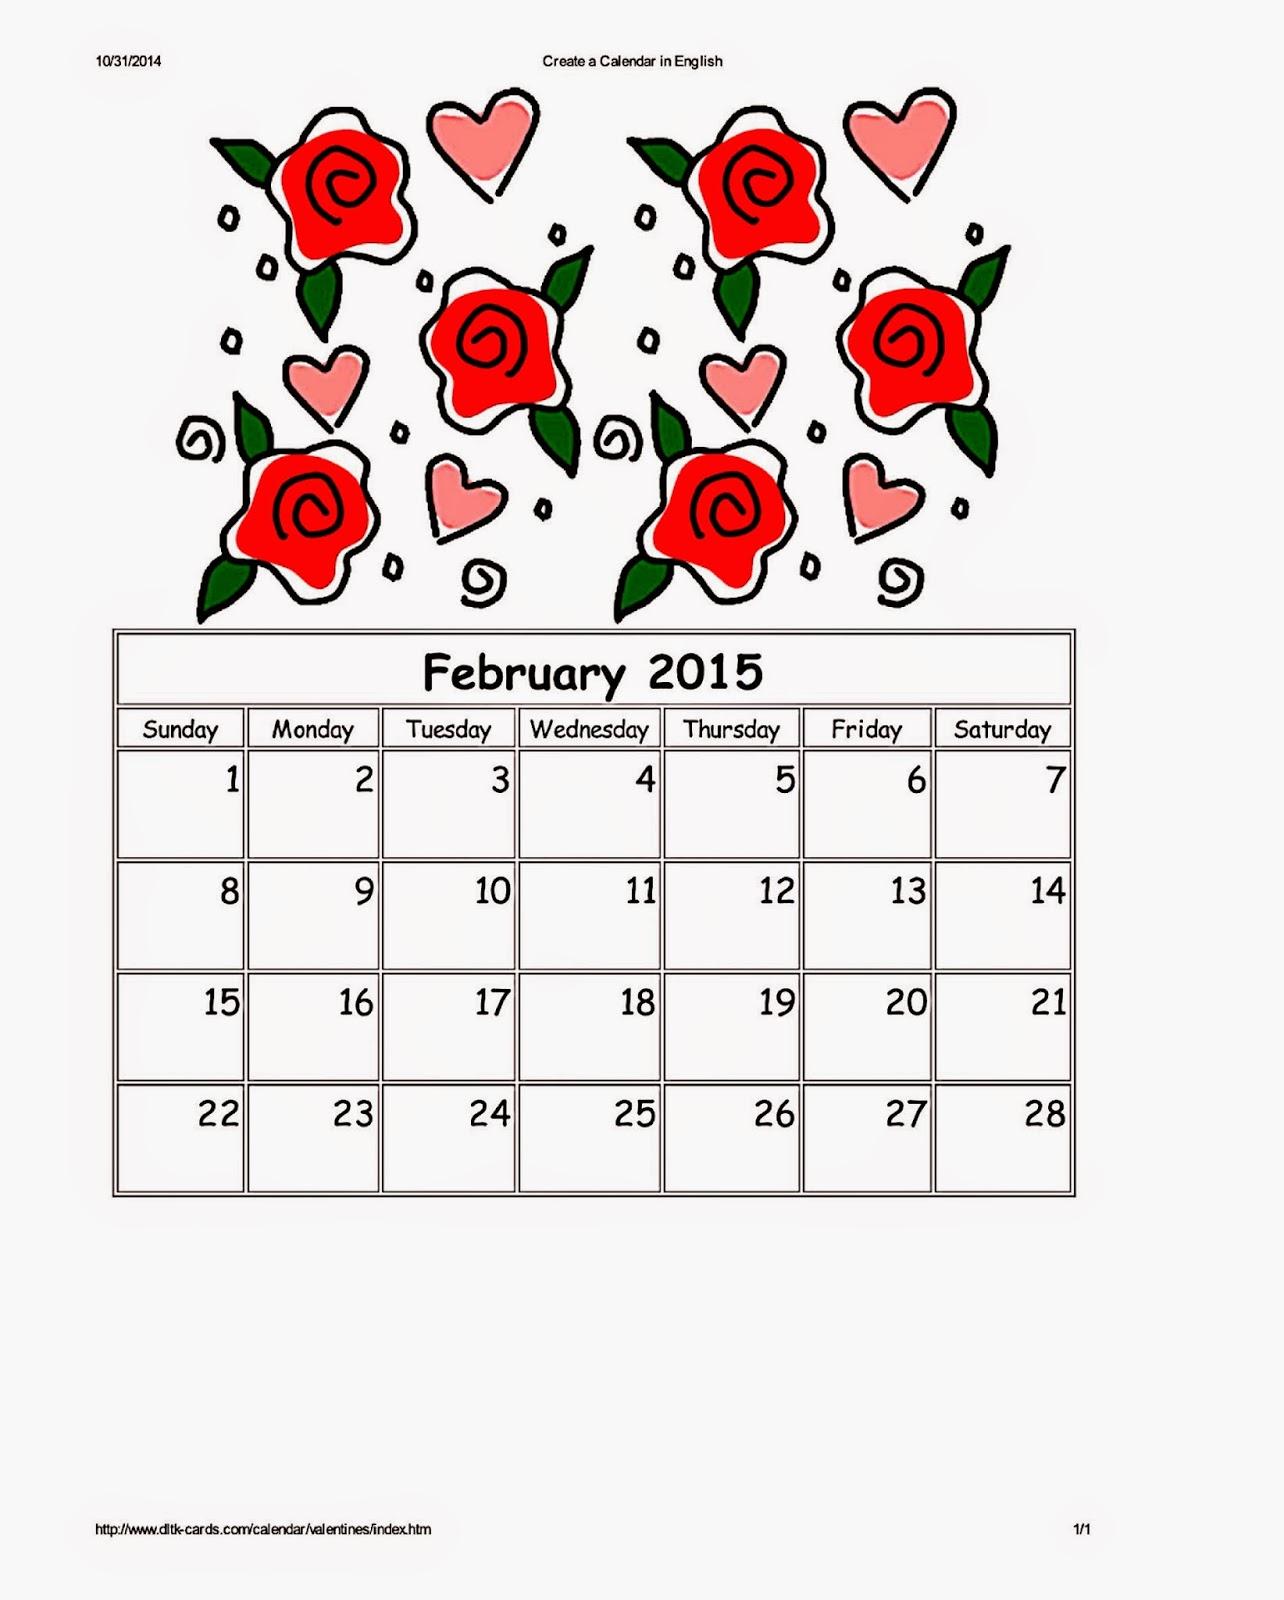 DLTK's Valentine Roses Calendar For February 2015